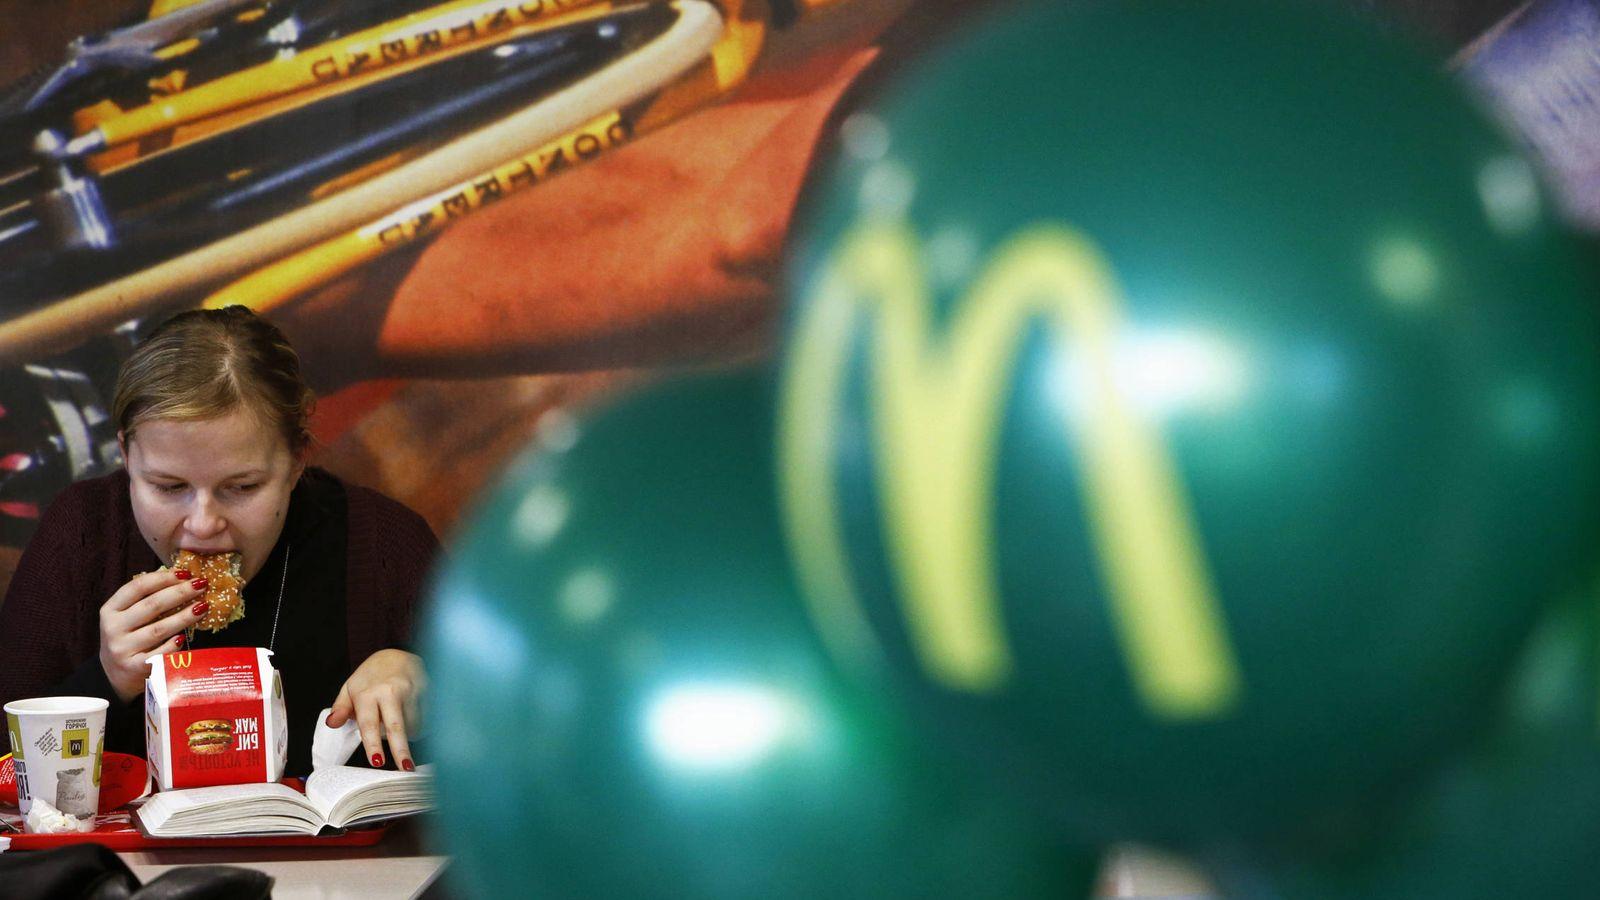 Foto: Todos sabemos que la comida rápida no es la más saludable pero ¿qué hamburguesa es la menos recomendable? (Reuters/Sergei Karpukhin)